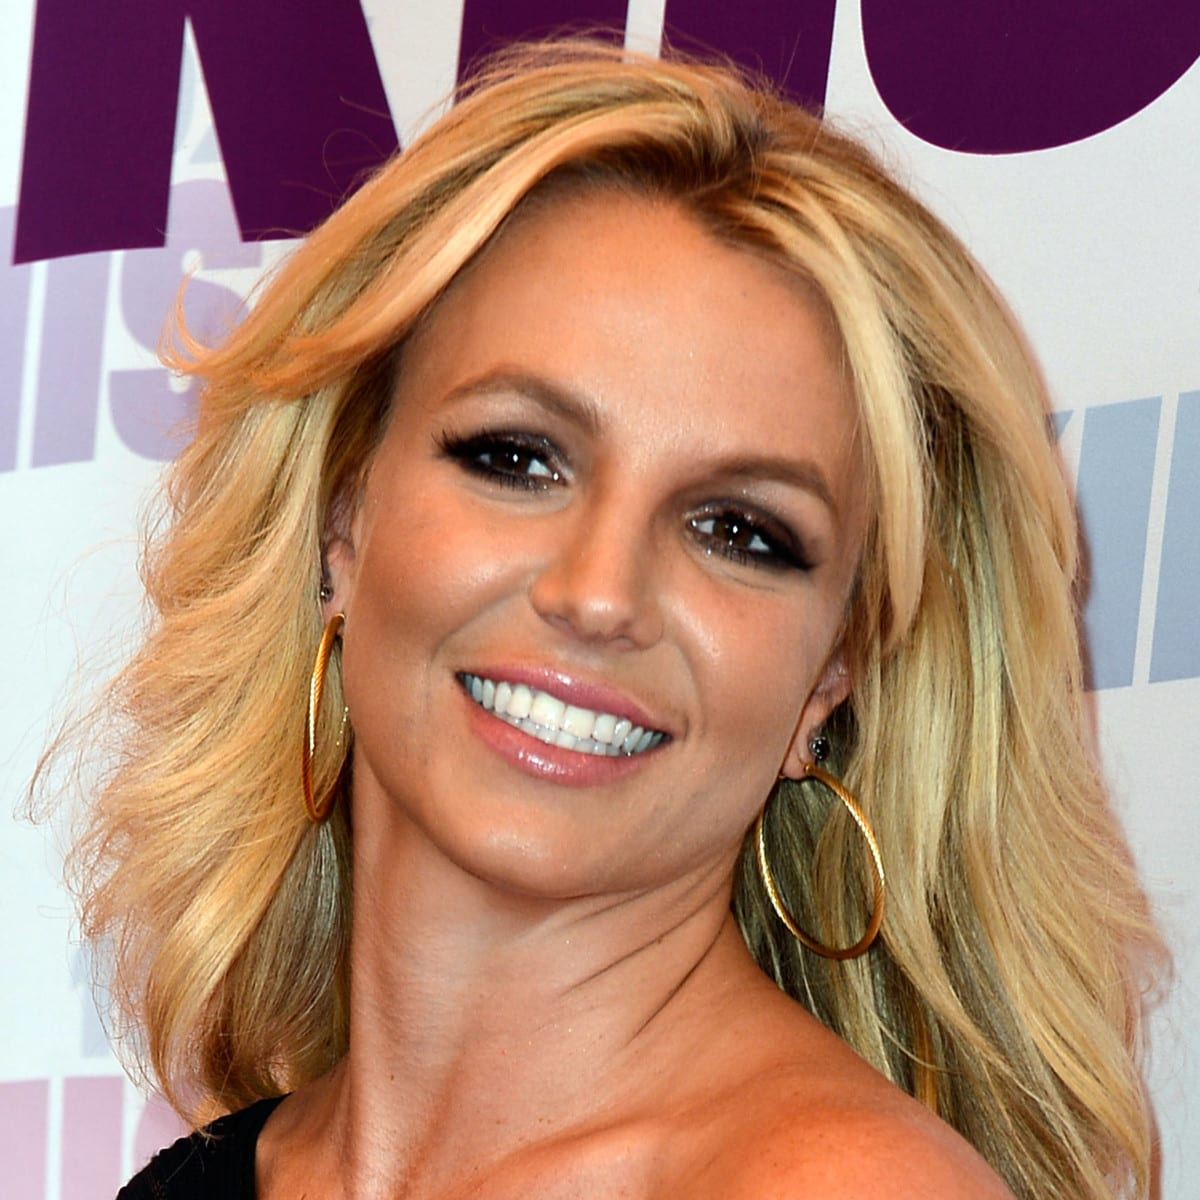 Britney Spears Net Worth 2020 - The Multitalented Singer ...